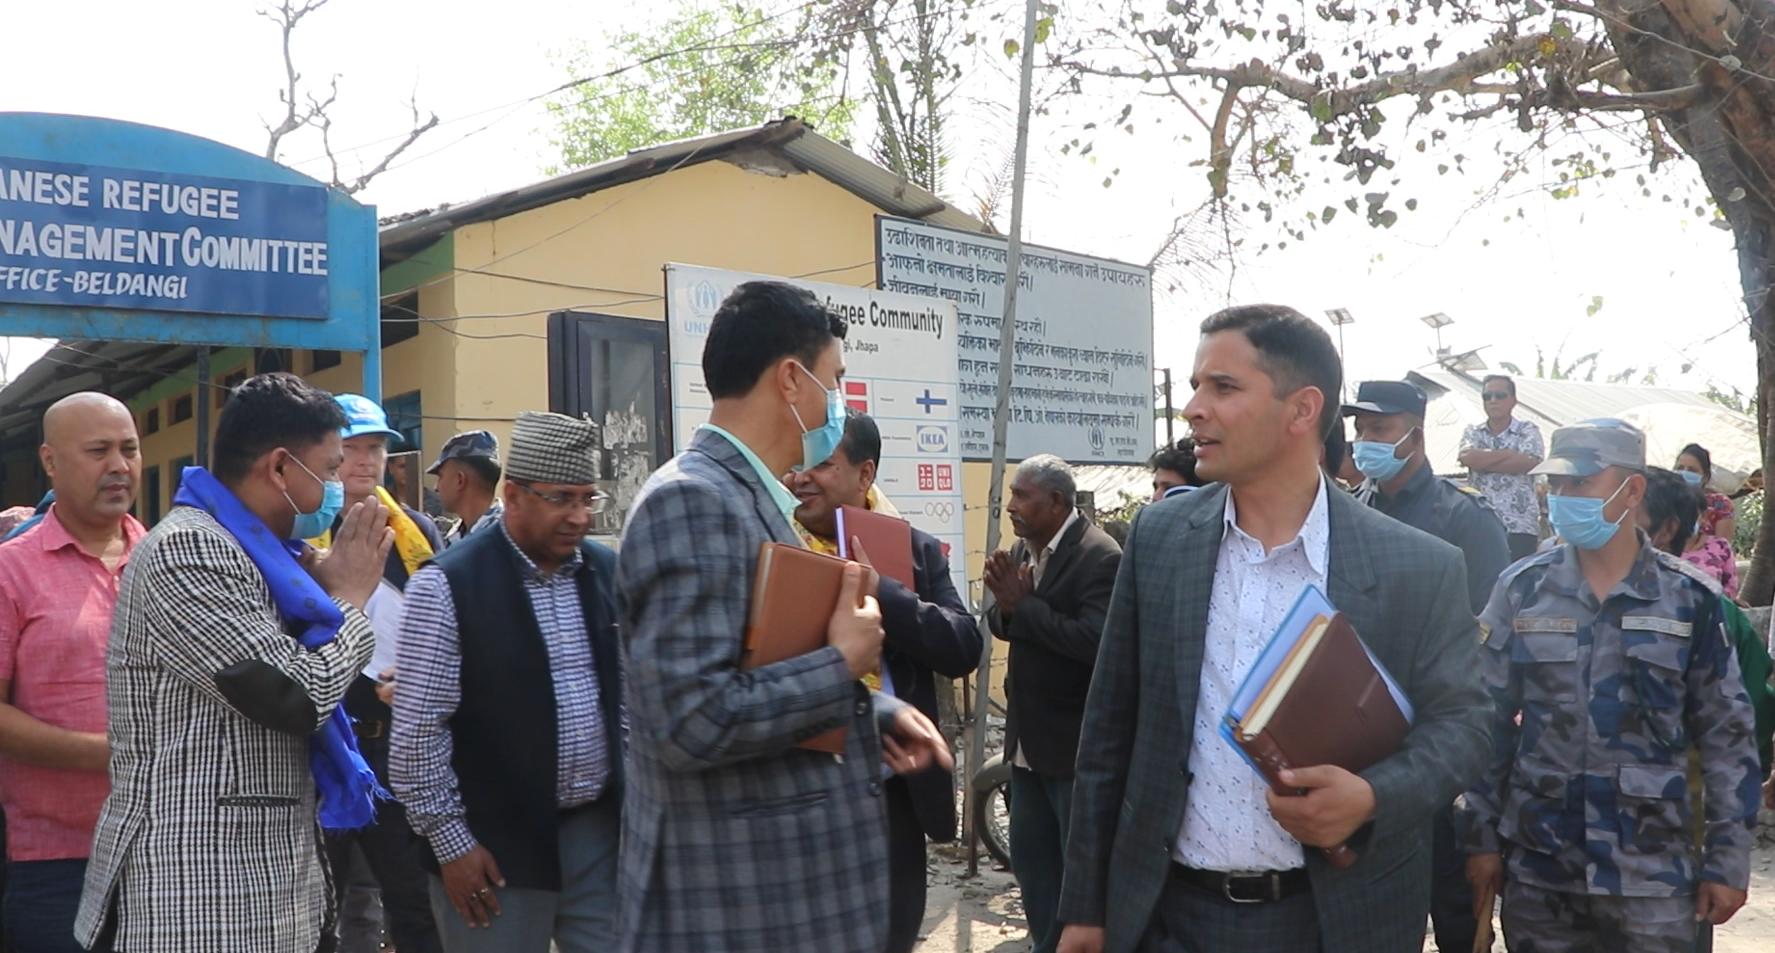 भूटानी शरणार्थीहरुका लागि गृह मन्त्रालय र यु एन एच सी आरले काम गर्ने